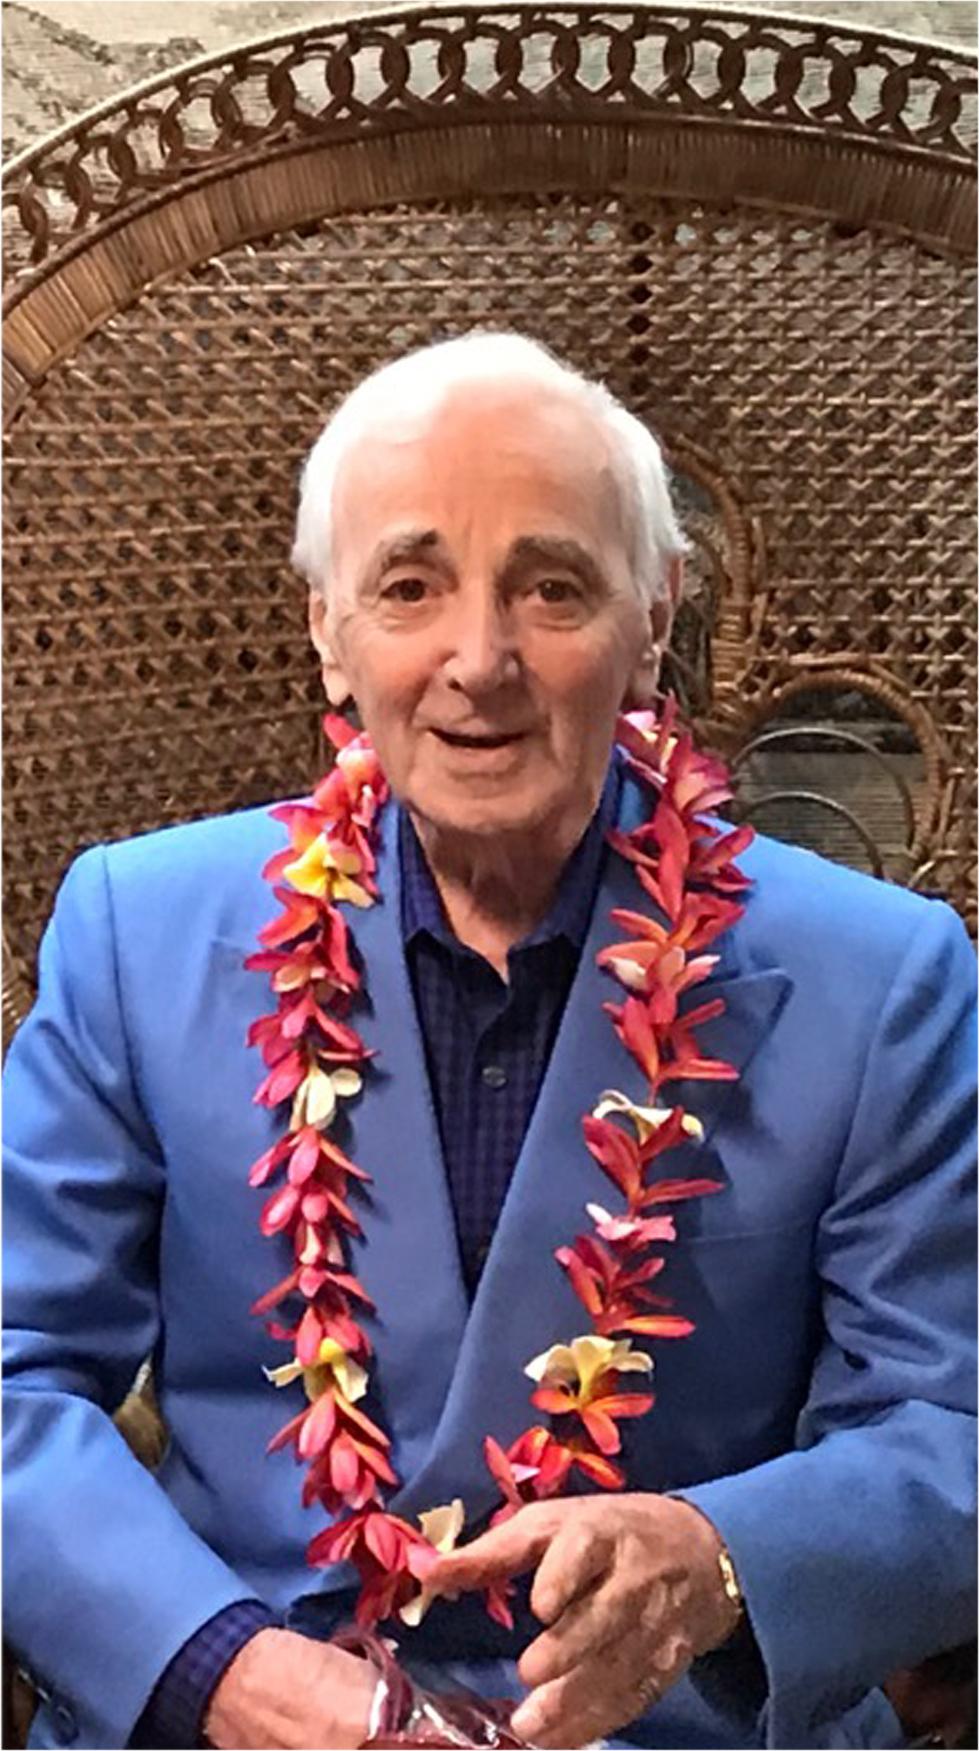 Charles Aznavour à son arrivée à Tahti Fa'a ( photo 4 events pacific)